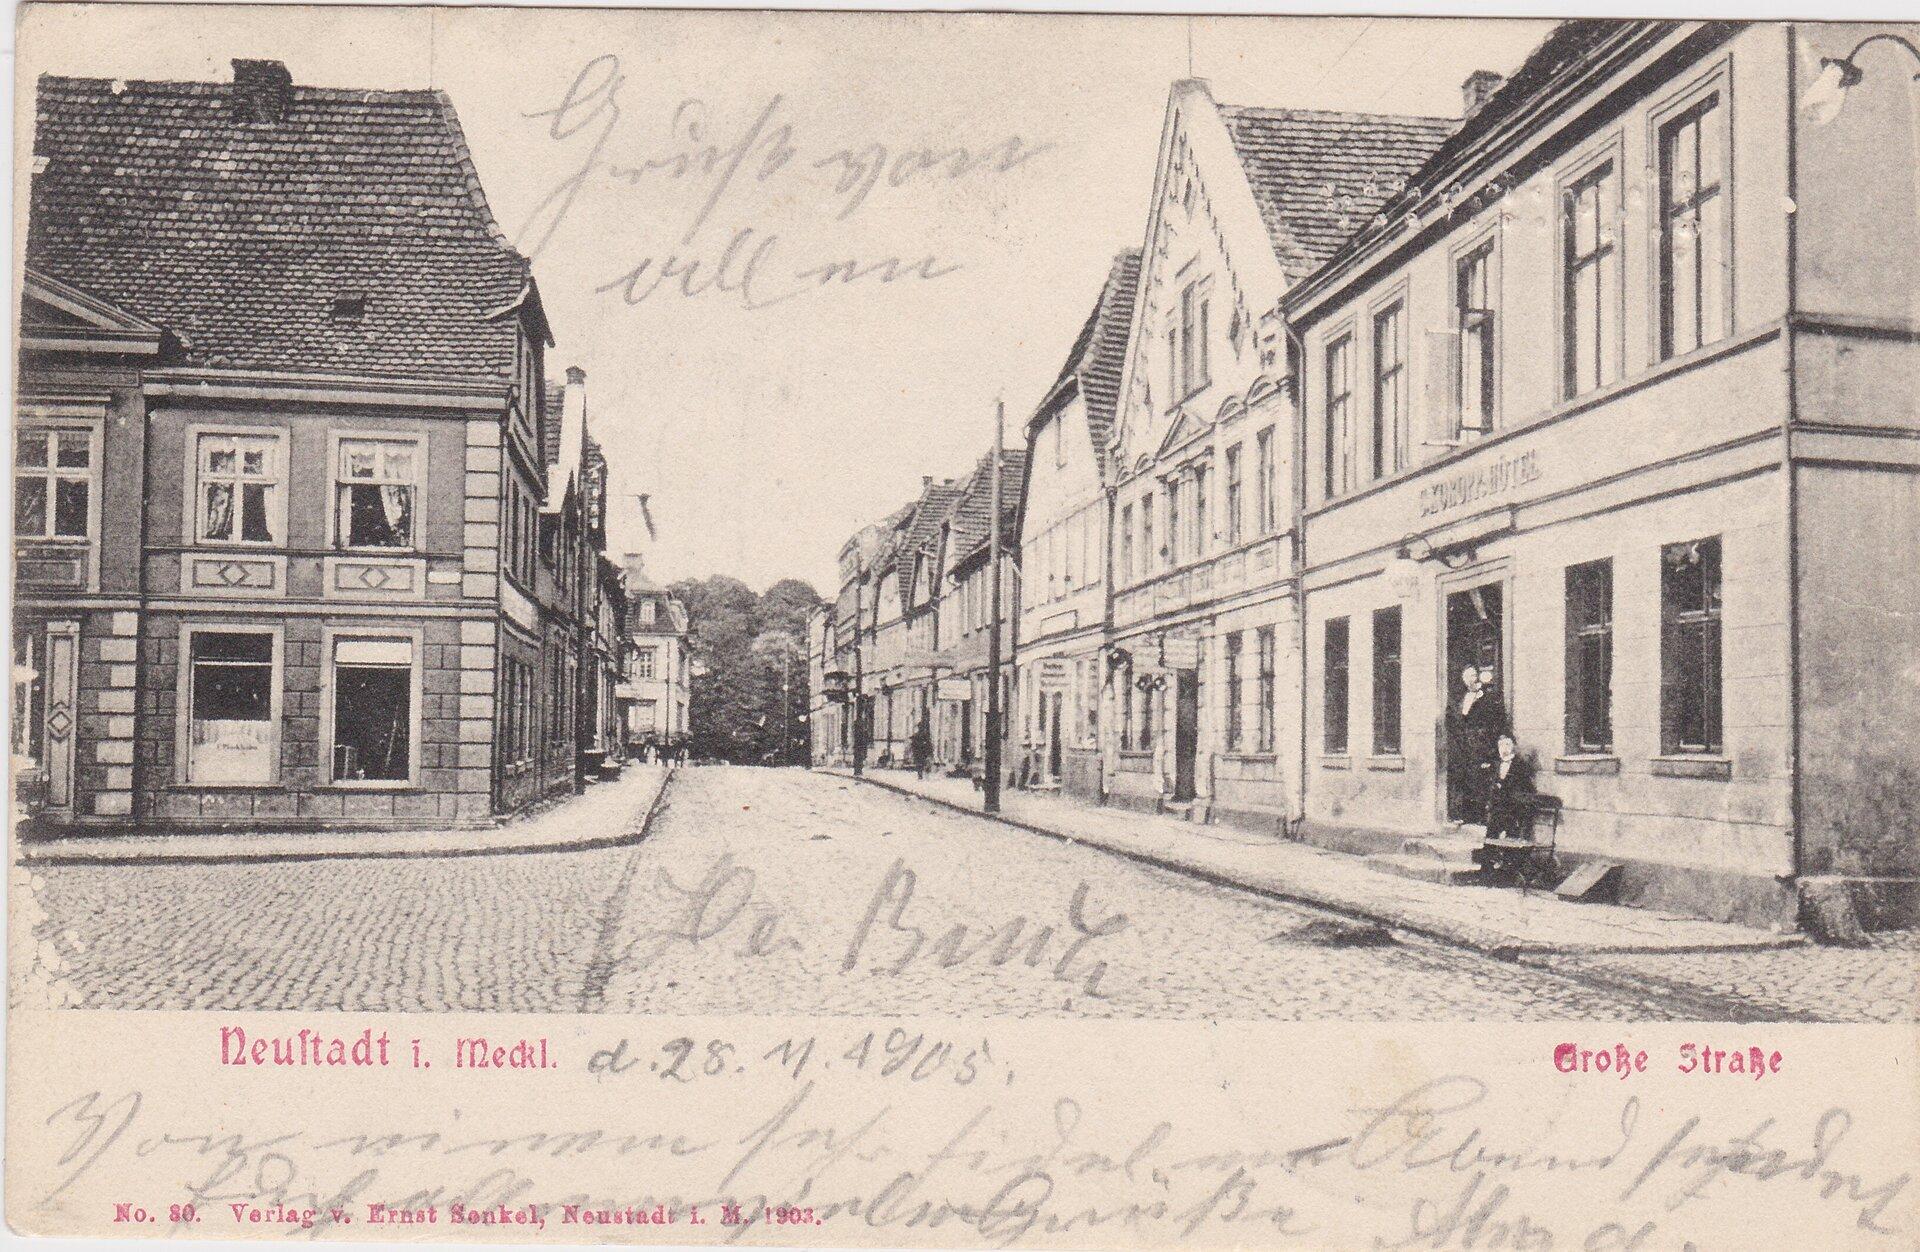 Grosse Strasse, Ecke Marktplatz mit Blick zum Schloss, rechts KOROPPS Hotel, links Schlachter Plückhahn, Aufnahme vor 1926